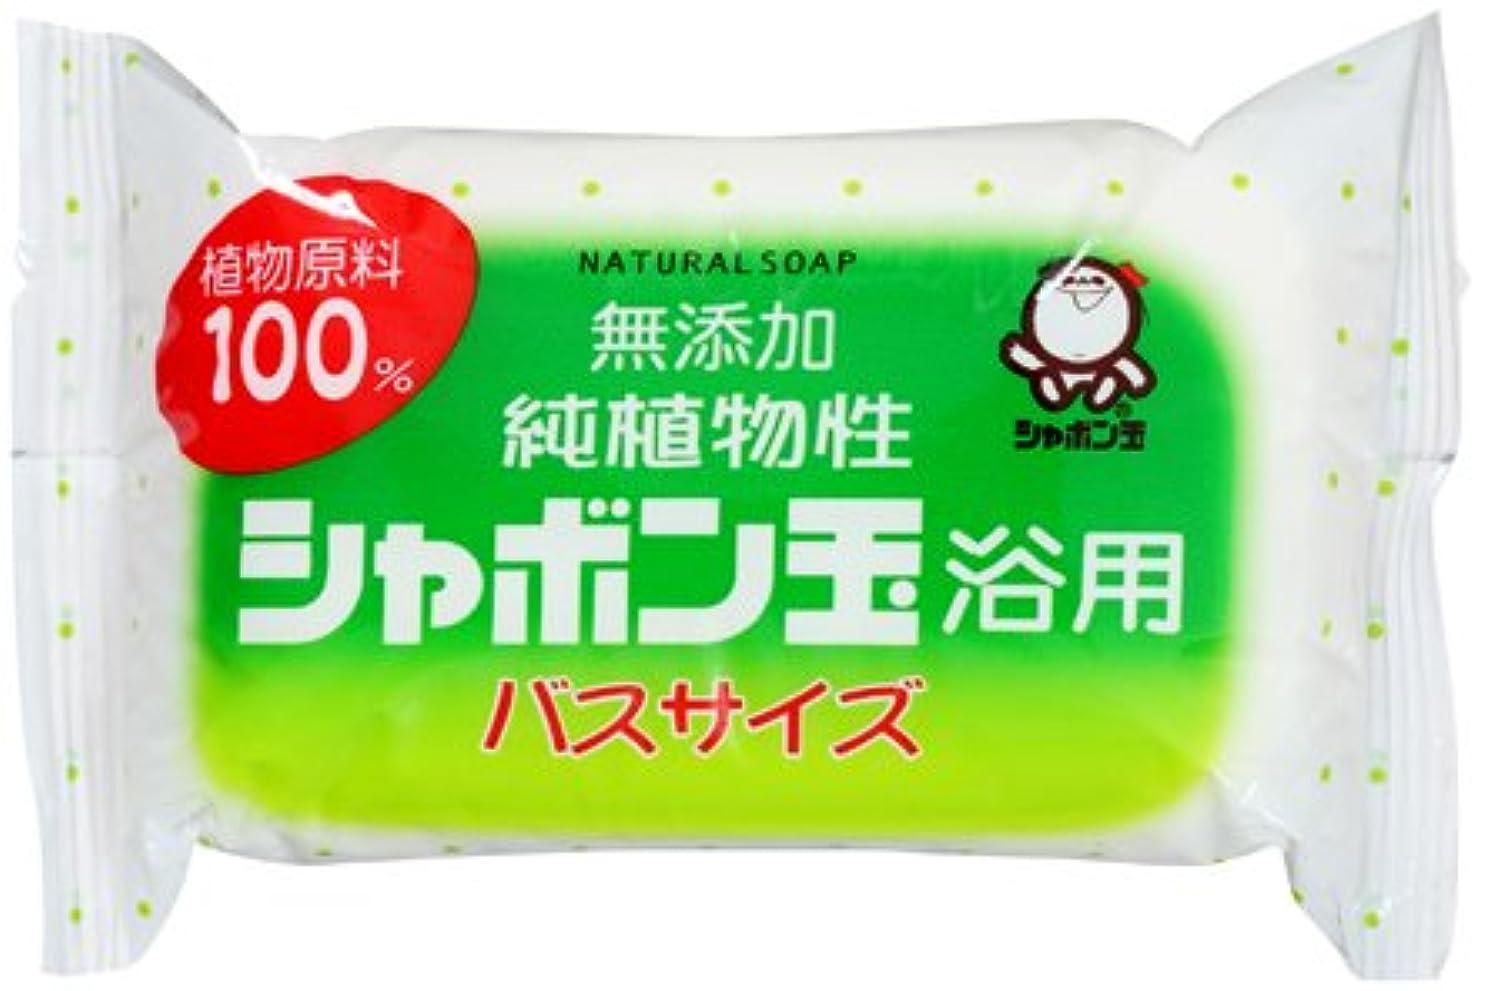 出会い消毒する違うシャボン玉石けん シャボン玉 純植物性 浴用 バスサイズ 155g(無添加石鹸)×60点セット (4901797003051)